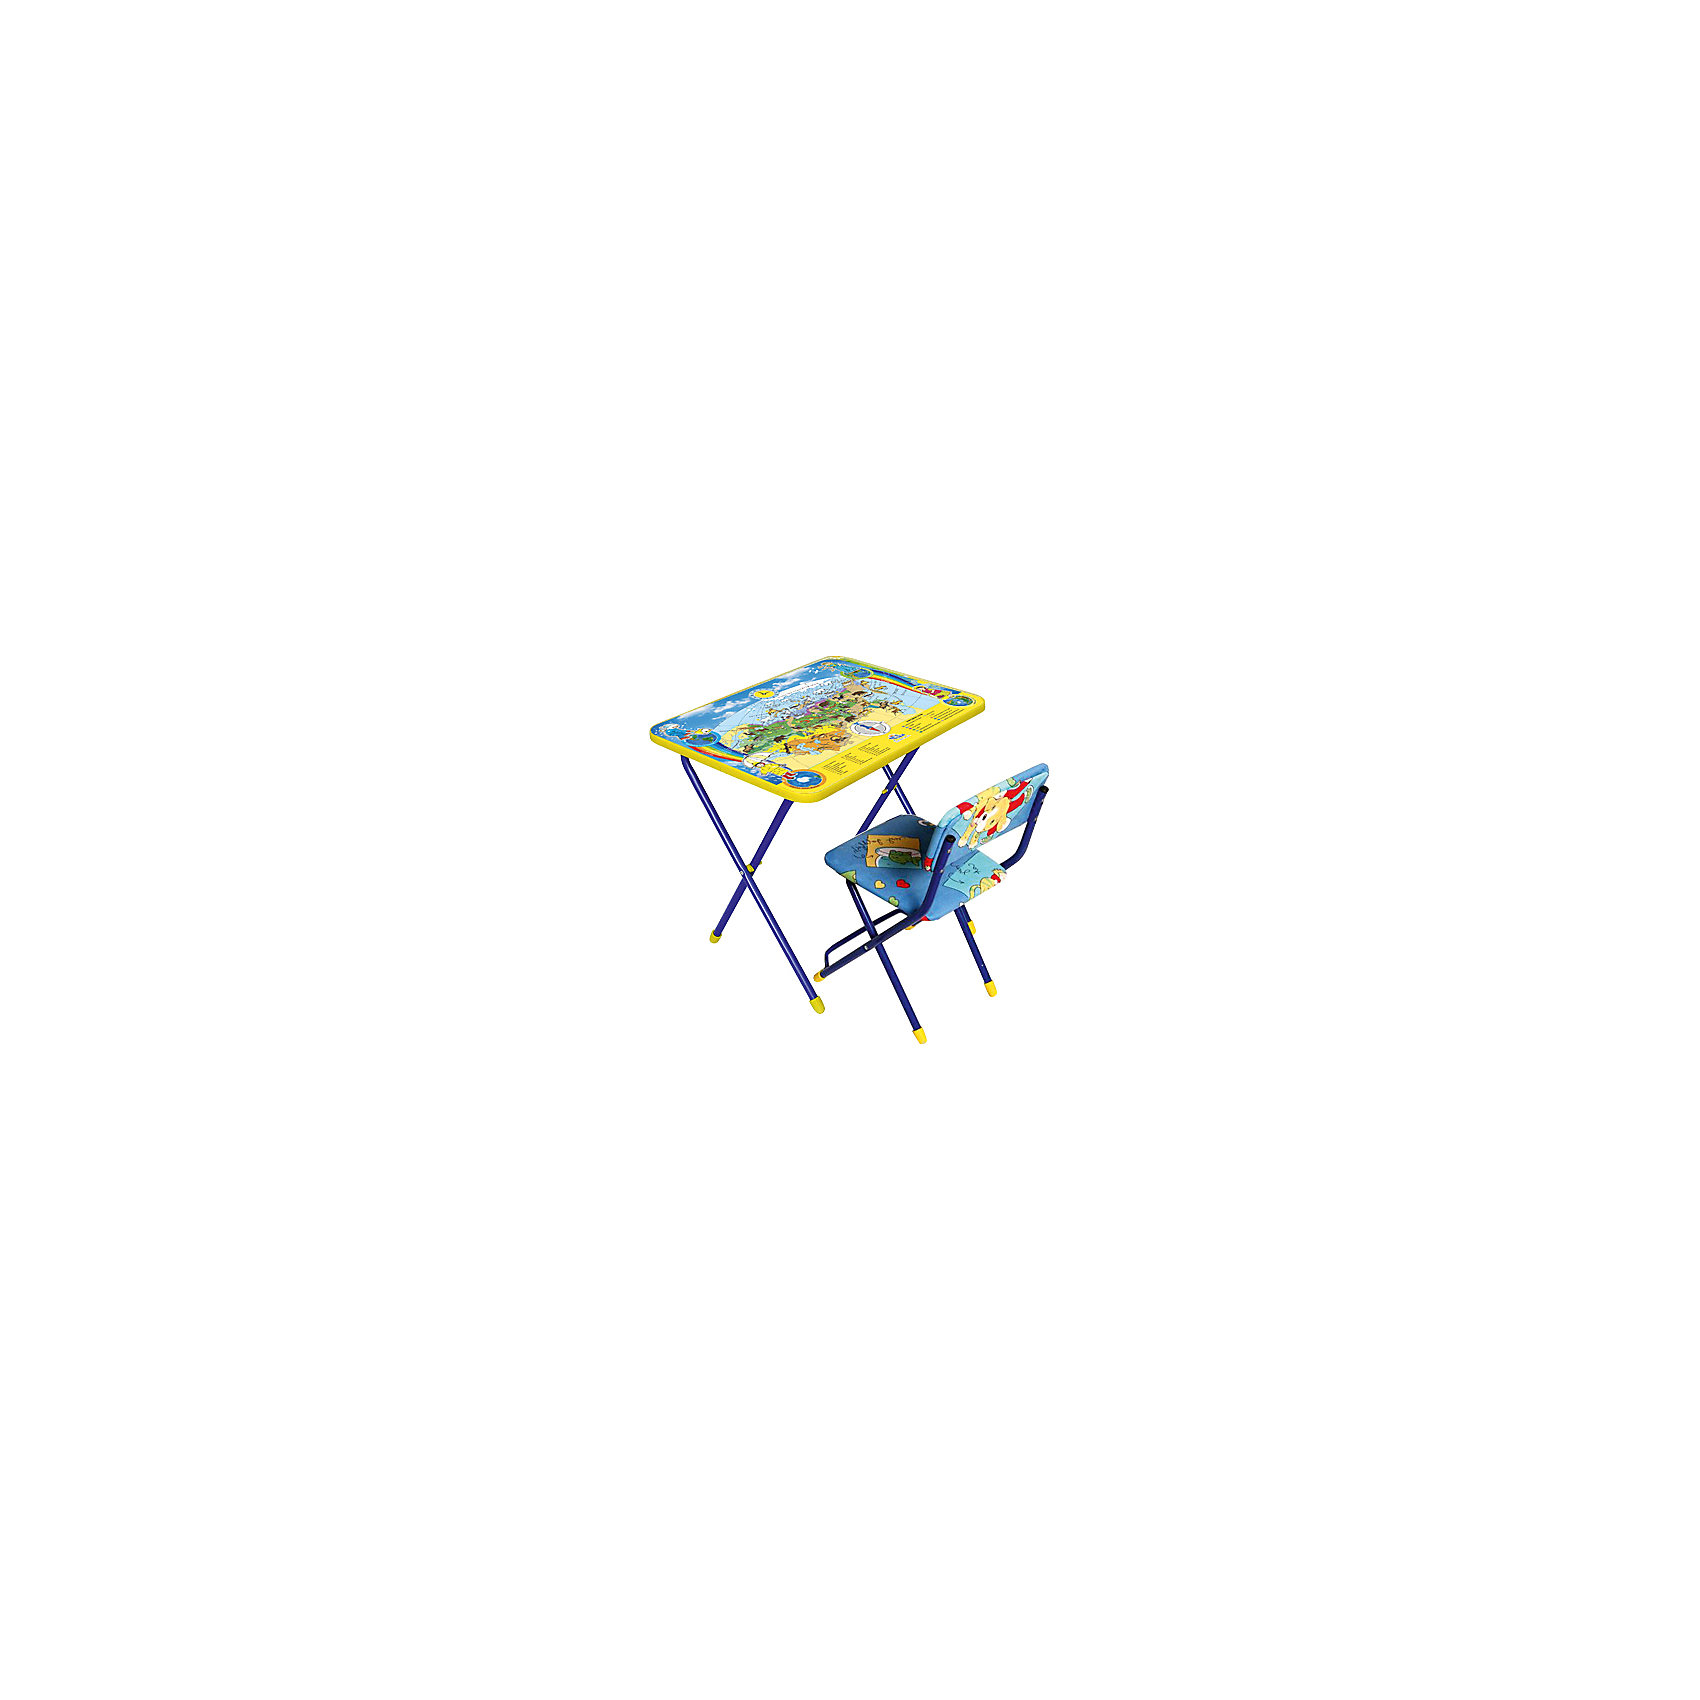 Набор мебели Познаю мирНабор детской мебели Познаю мир состоит из двух предметов: стол-парта и стульчик.  На крышке столика изображена карта с животными, которые населяют нашу Землю.<br><br>Дополнительная информация:<br><br>В комплект входит стол-парта и стул с мягким сиденьем.<br>- Металлический каркас.<br>- Столешница облицована пленкой с тематическими рисунками.<br>- На ножках стула установлены пластмассовые наконечники.<br>- Размер столика: 59х45х57 см.<br>- Размер стула: высота до сиденья 32 см, высота со спинкой 56 см.<br>Сиденье: 30х27 см.<br>- Возраст: от 3-х лет<br><br>Набор мебели Познаю мир можно купить в нашем магазине.<br><br>Ширина мм: 580<br>Глубина мм: 120<br>Высота мм: 450<br>Вес г: 8000<br>Возраст от месяцев: 36<br>Возраст до месяцев: 108<br>Пол: Унисекс<br>Возраст: Детский<br>SKU: 4718354